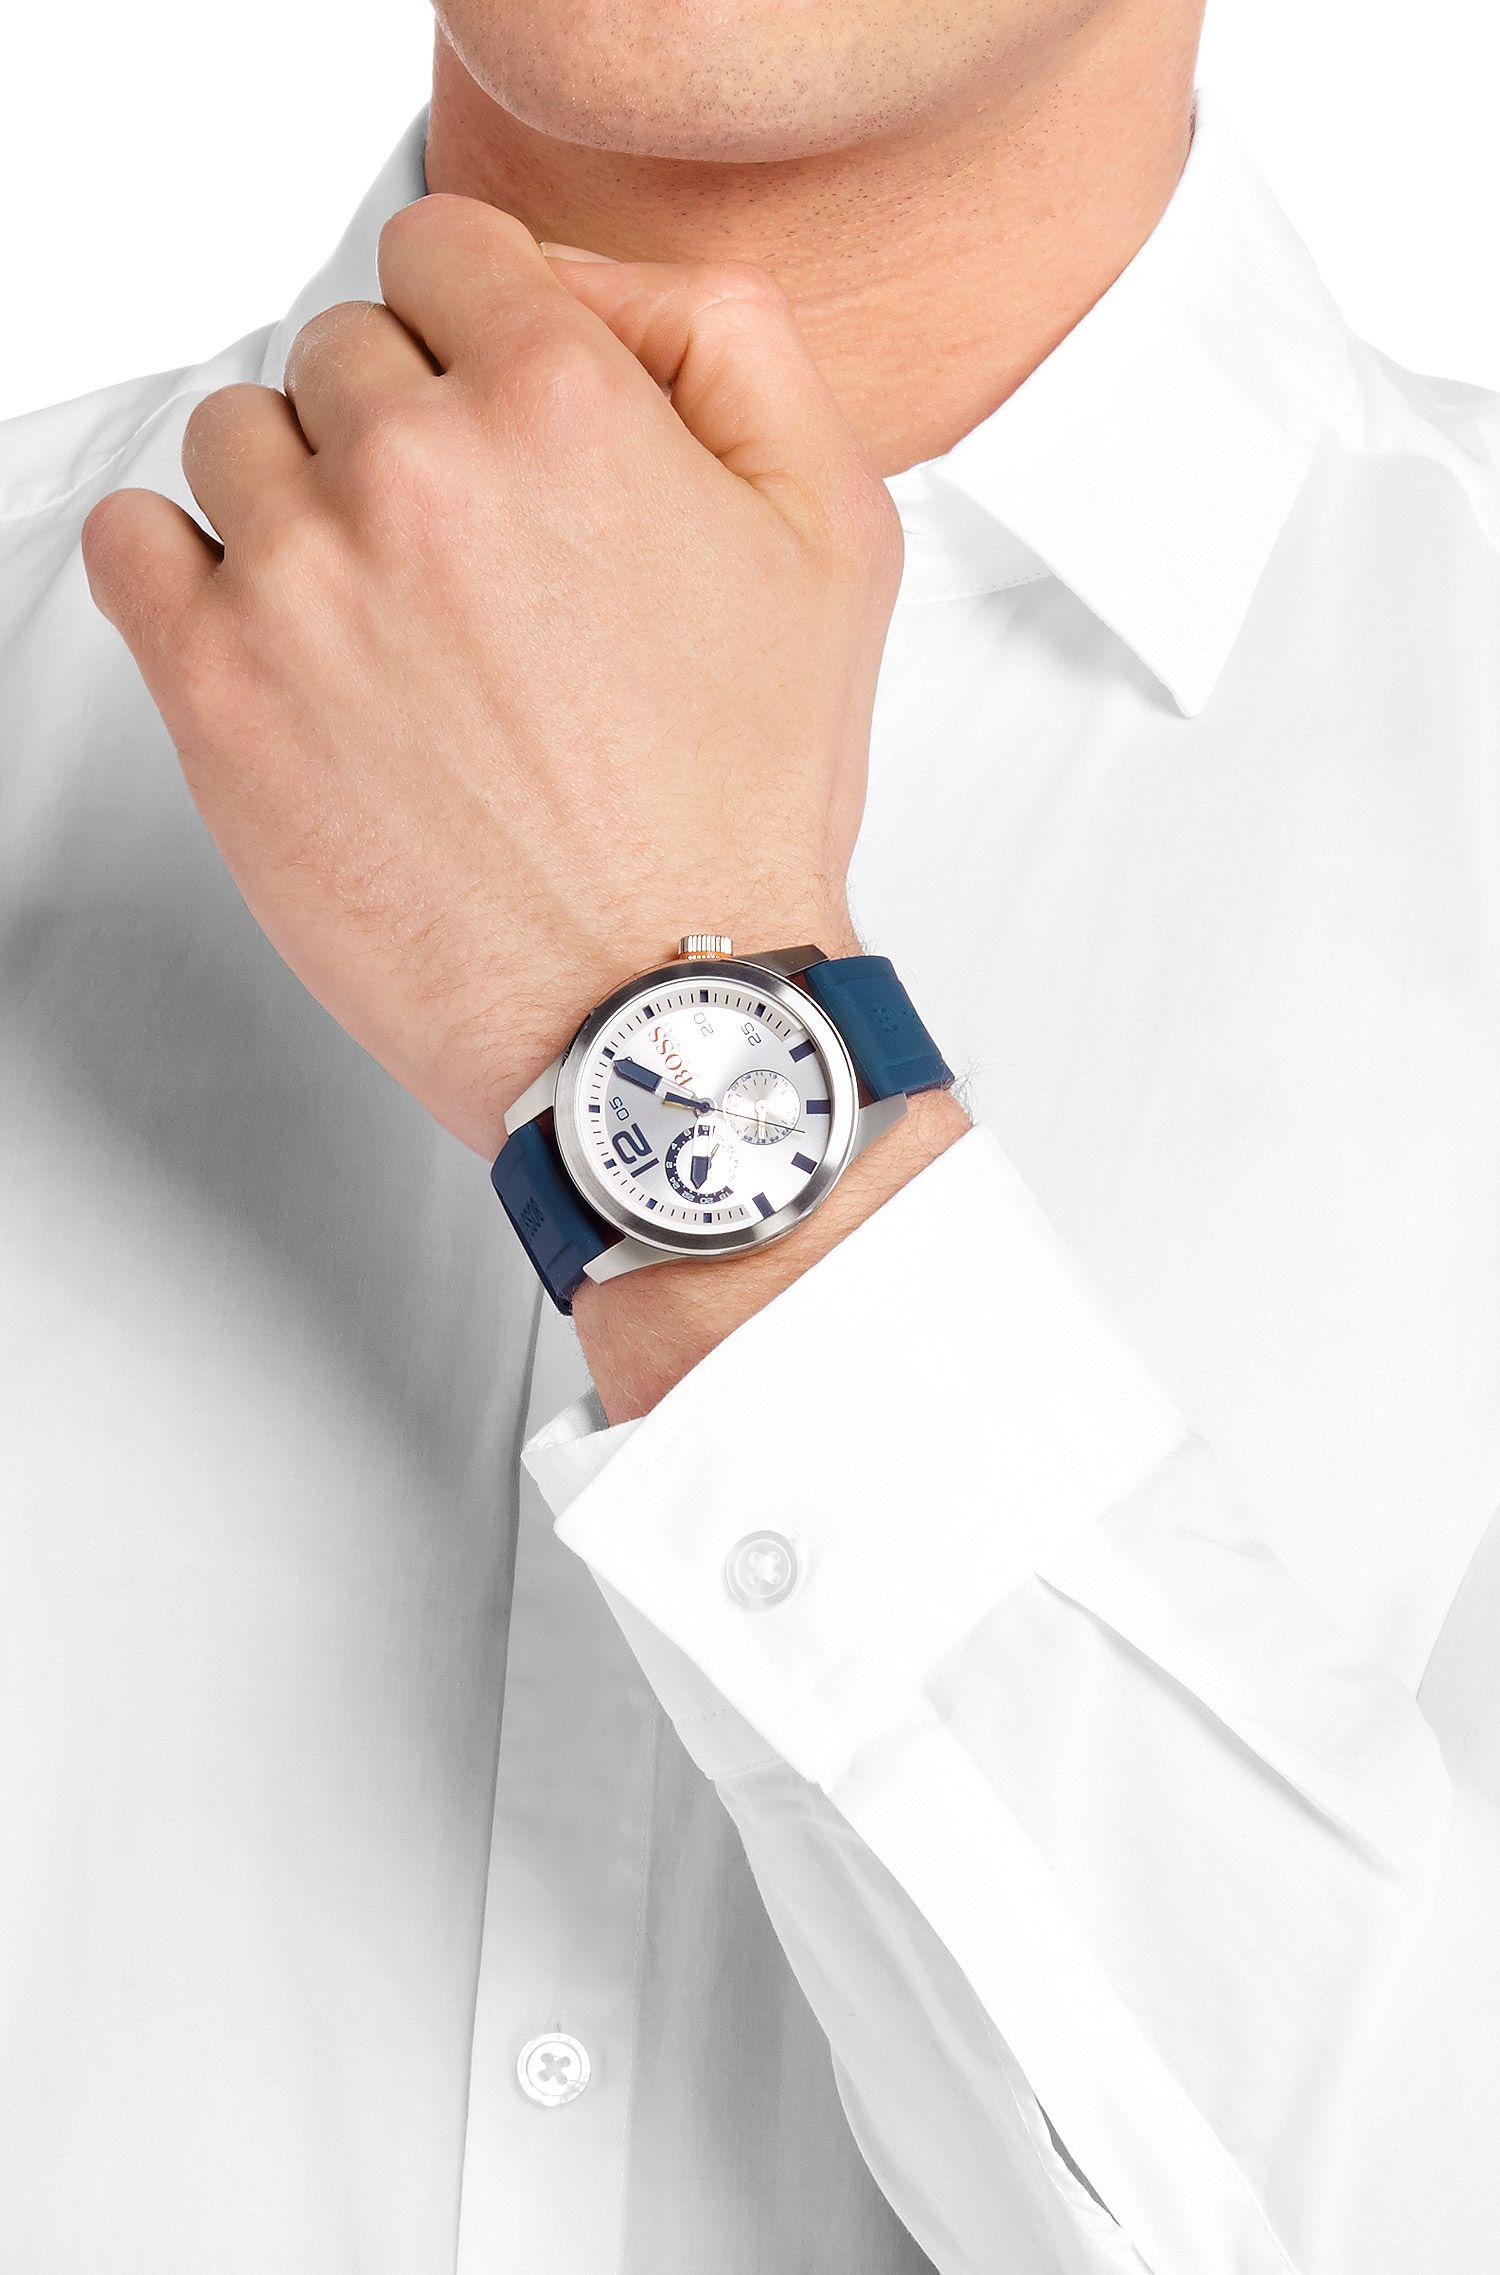 Montre multifonctionnelle «HOPARIS» à bracelet en silicone